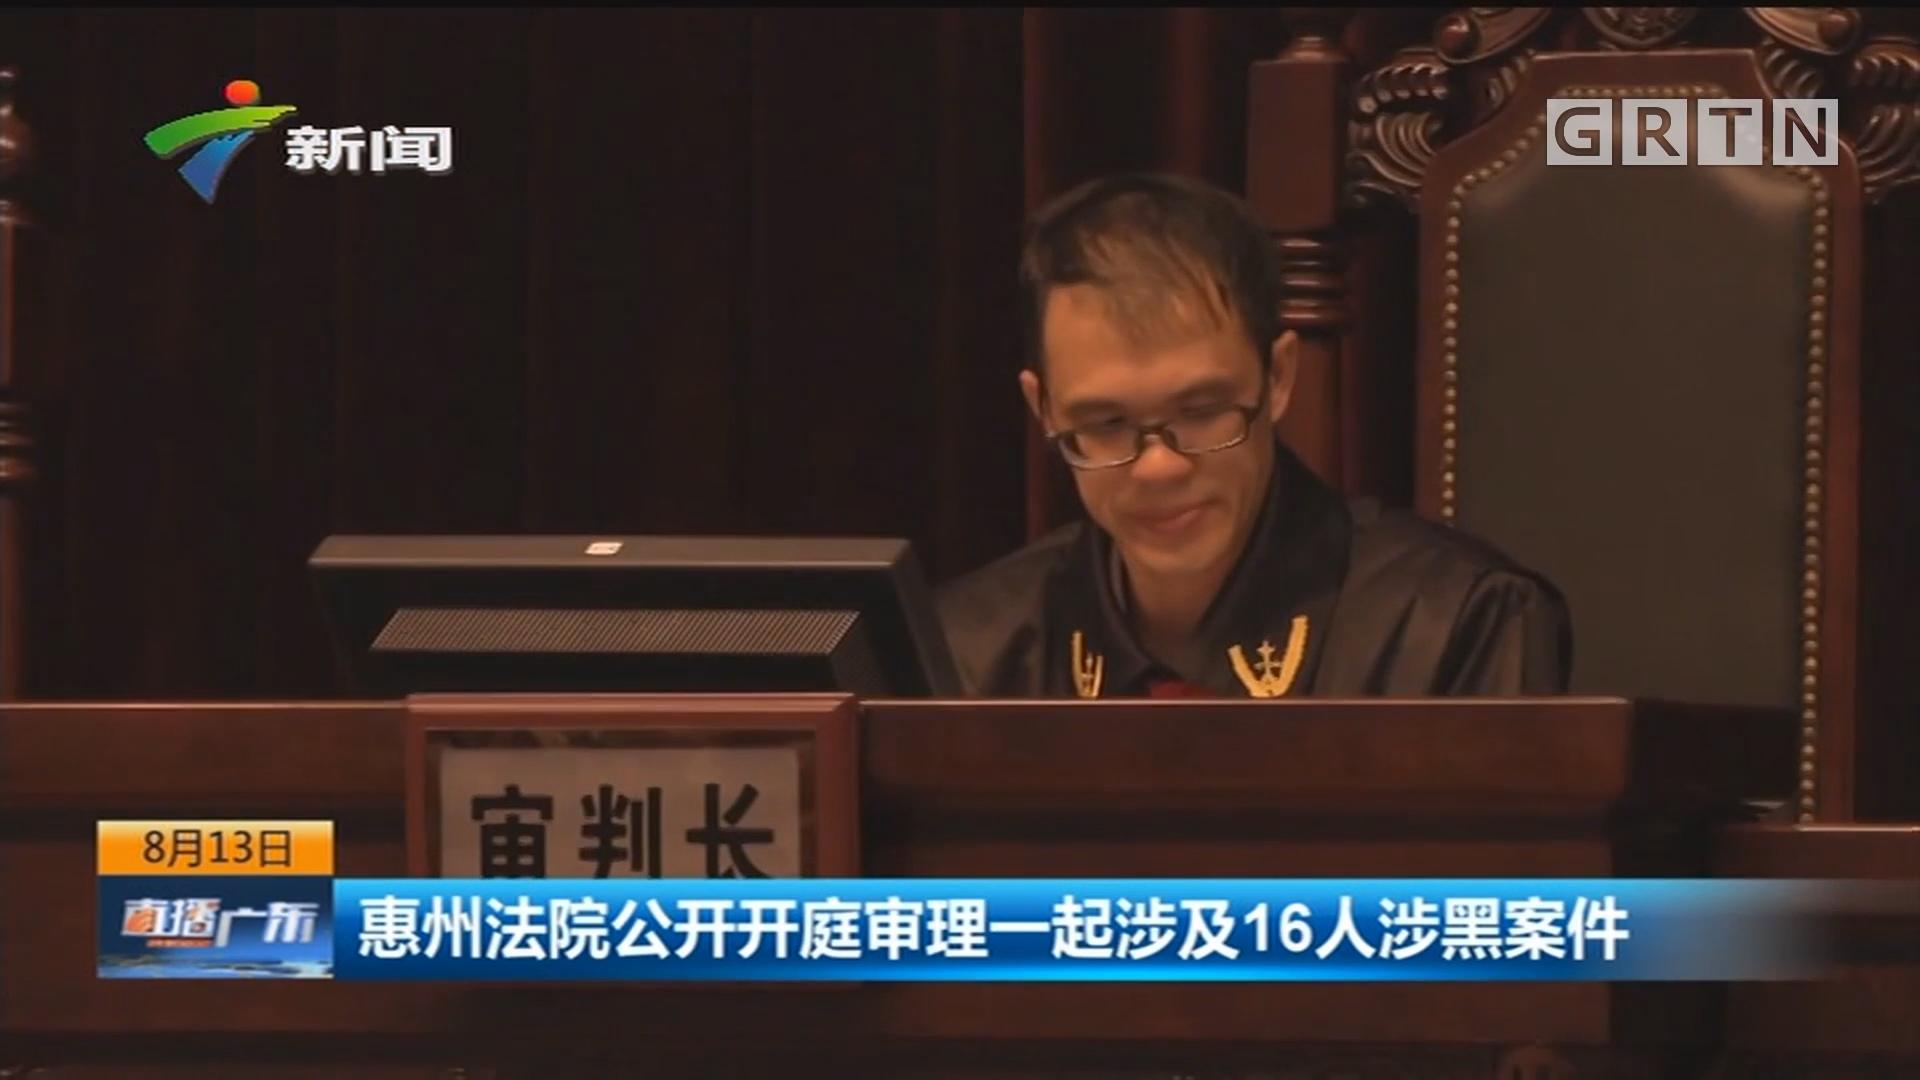 惠州法院公开开庭审理一起涉及16人涉黑案件